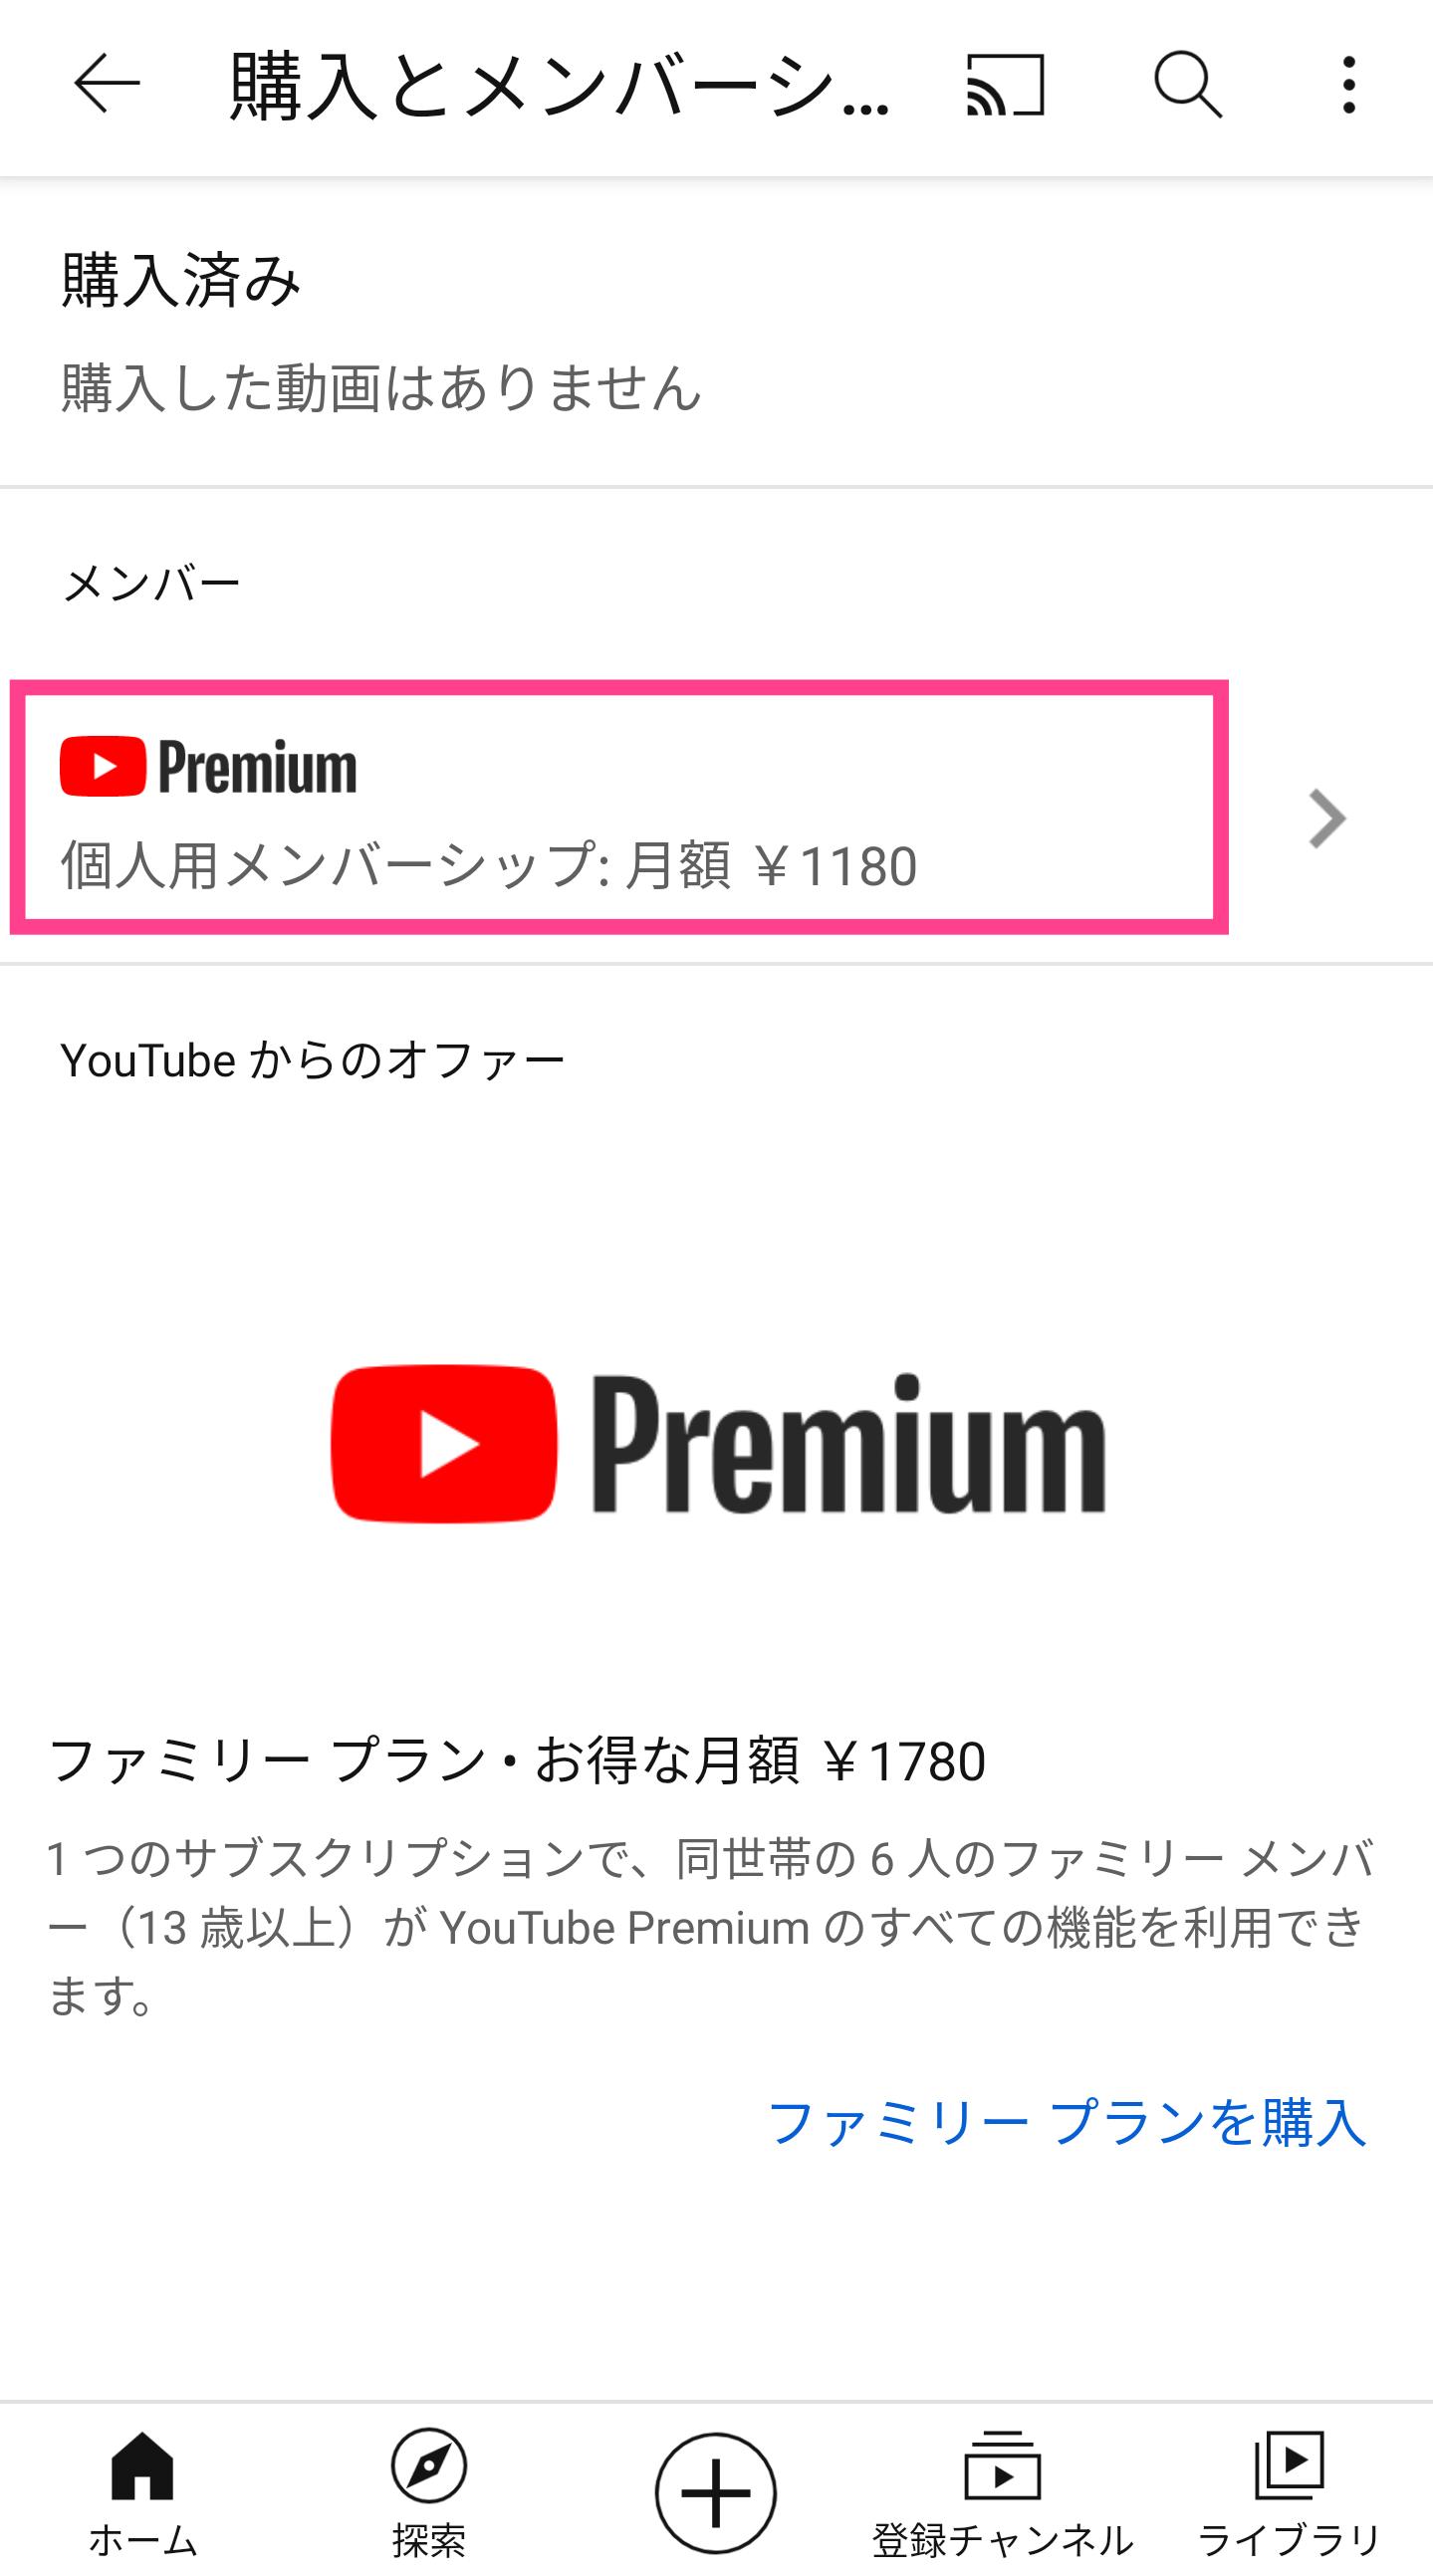 YouTube-個人用メンバーシップ